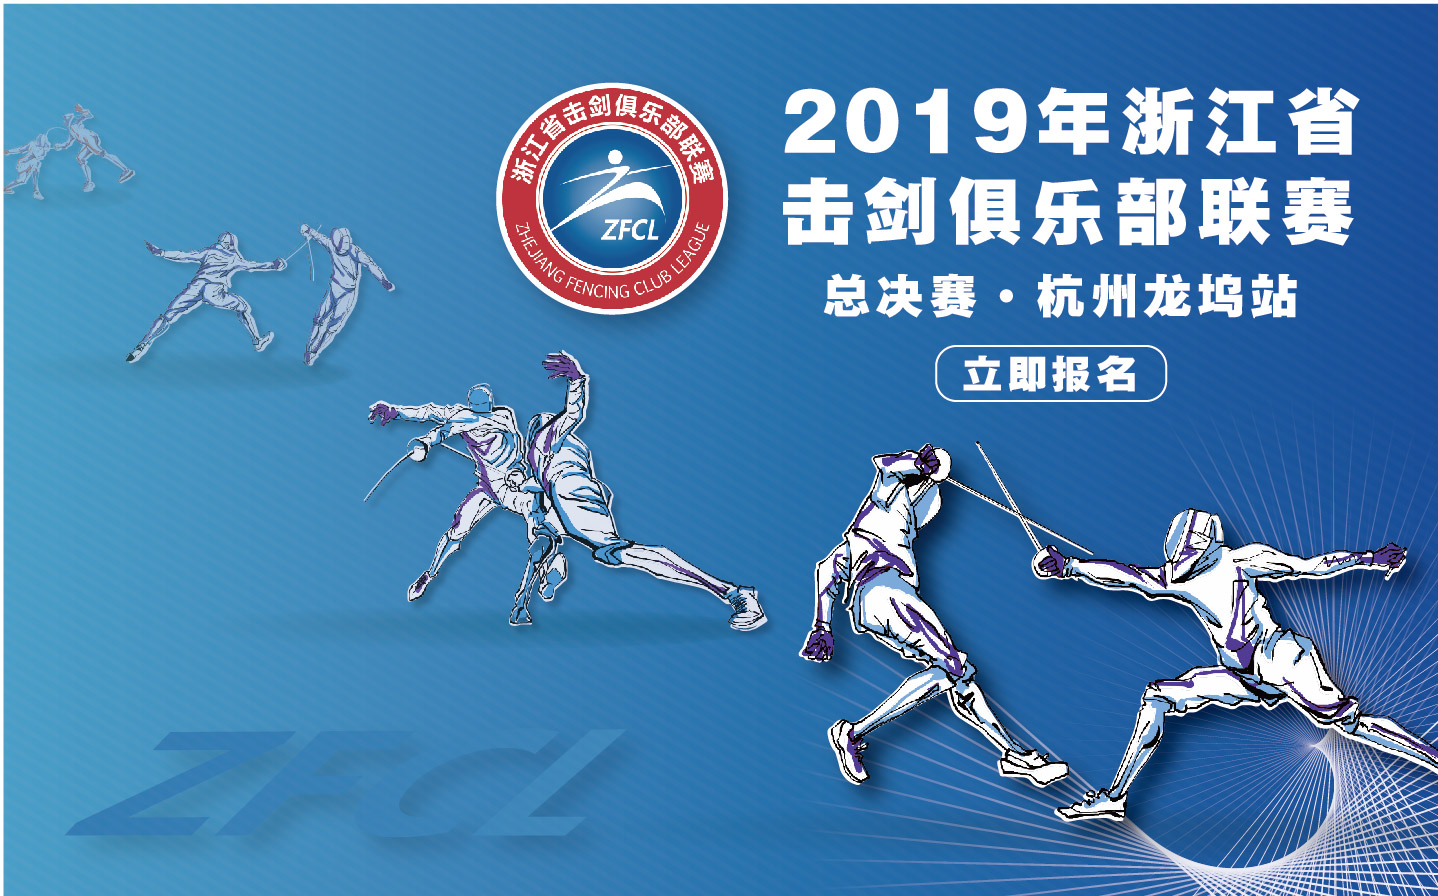 2019年浙江省击剑俱乐部联赛总决赛(杭州龙坞站)补充通知